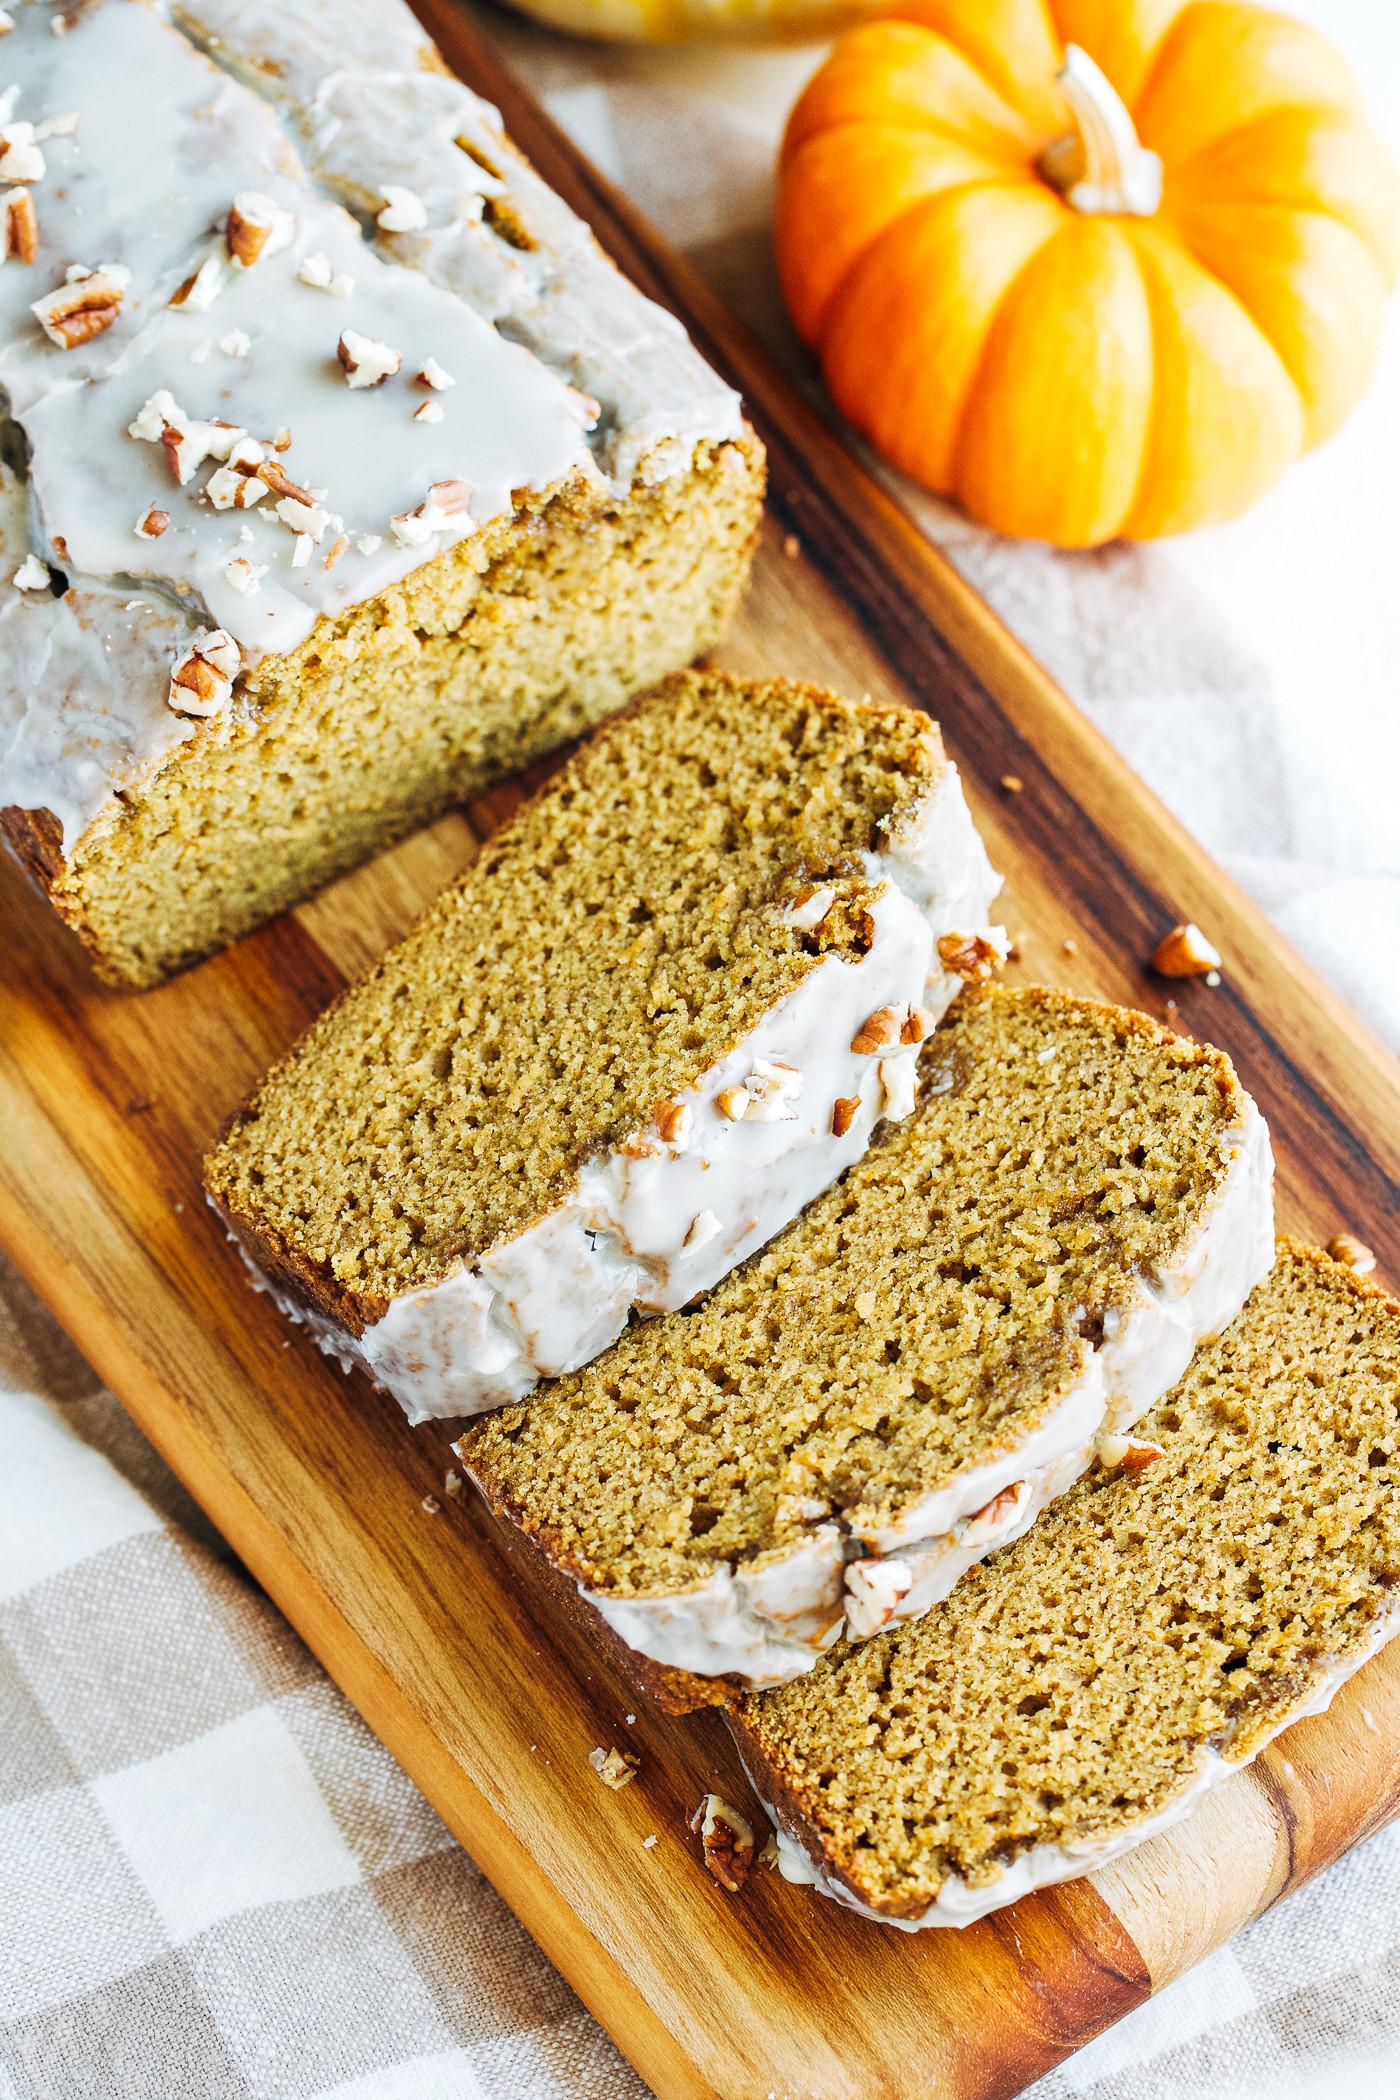 Pumpkin Bread Healthy 20 Best Ideas Healthy Pumpkin Bread Gluten Free & Dairy Free Making